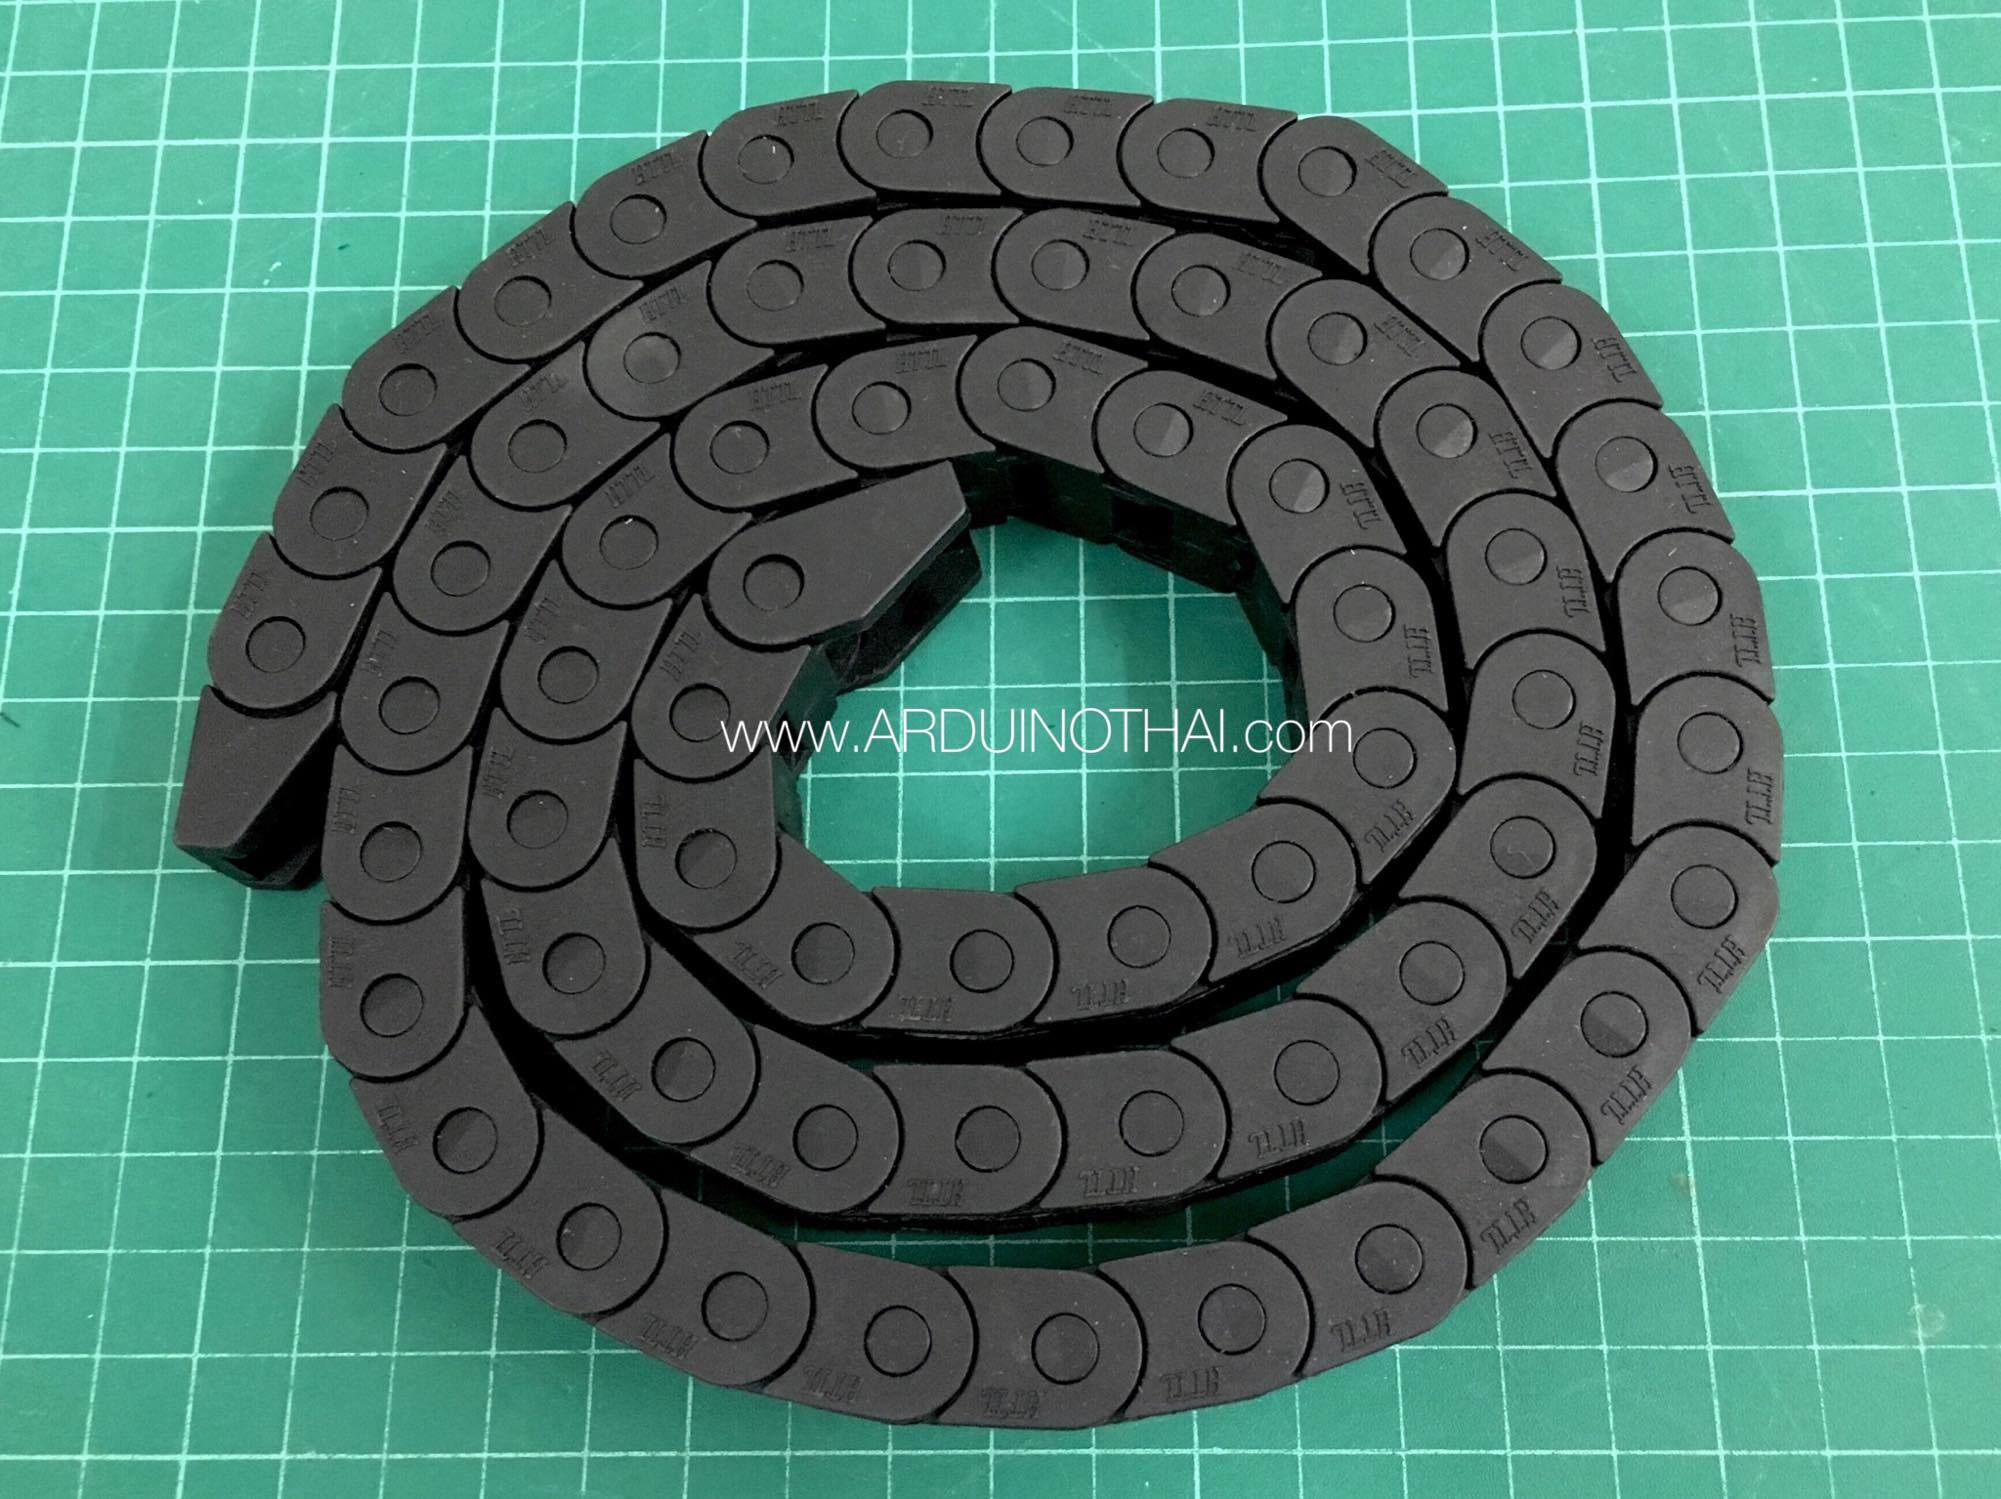 รางกระดูกงู ร้อยสายไฟ Chain carrier cable 10X10mm (ขนาดใหญ่ยาว1เมตร)